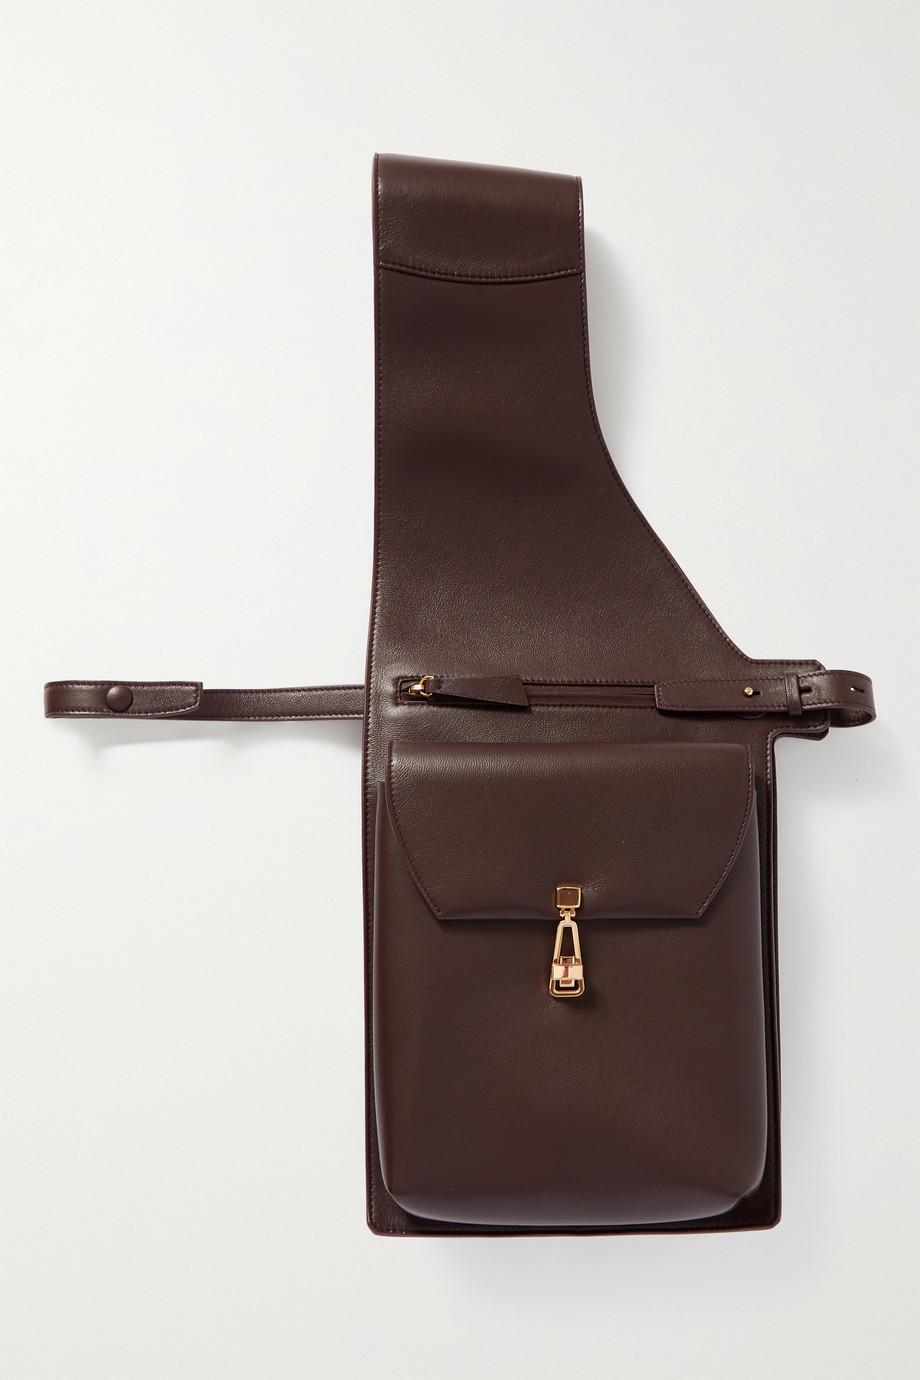 Gabriela Hearst + NET SUSTAIN Saddle Schultertasche aus Leder